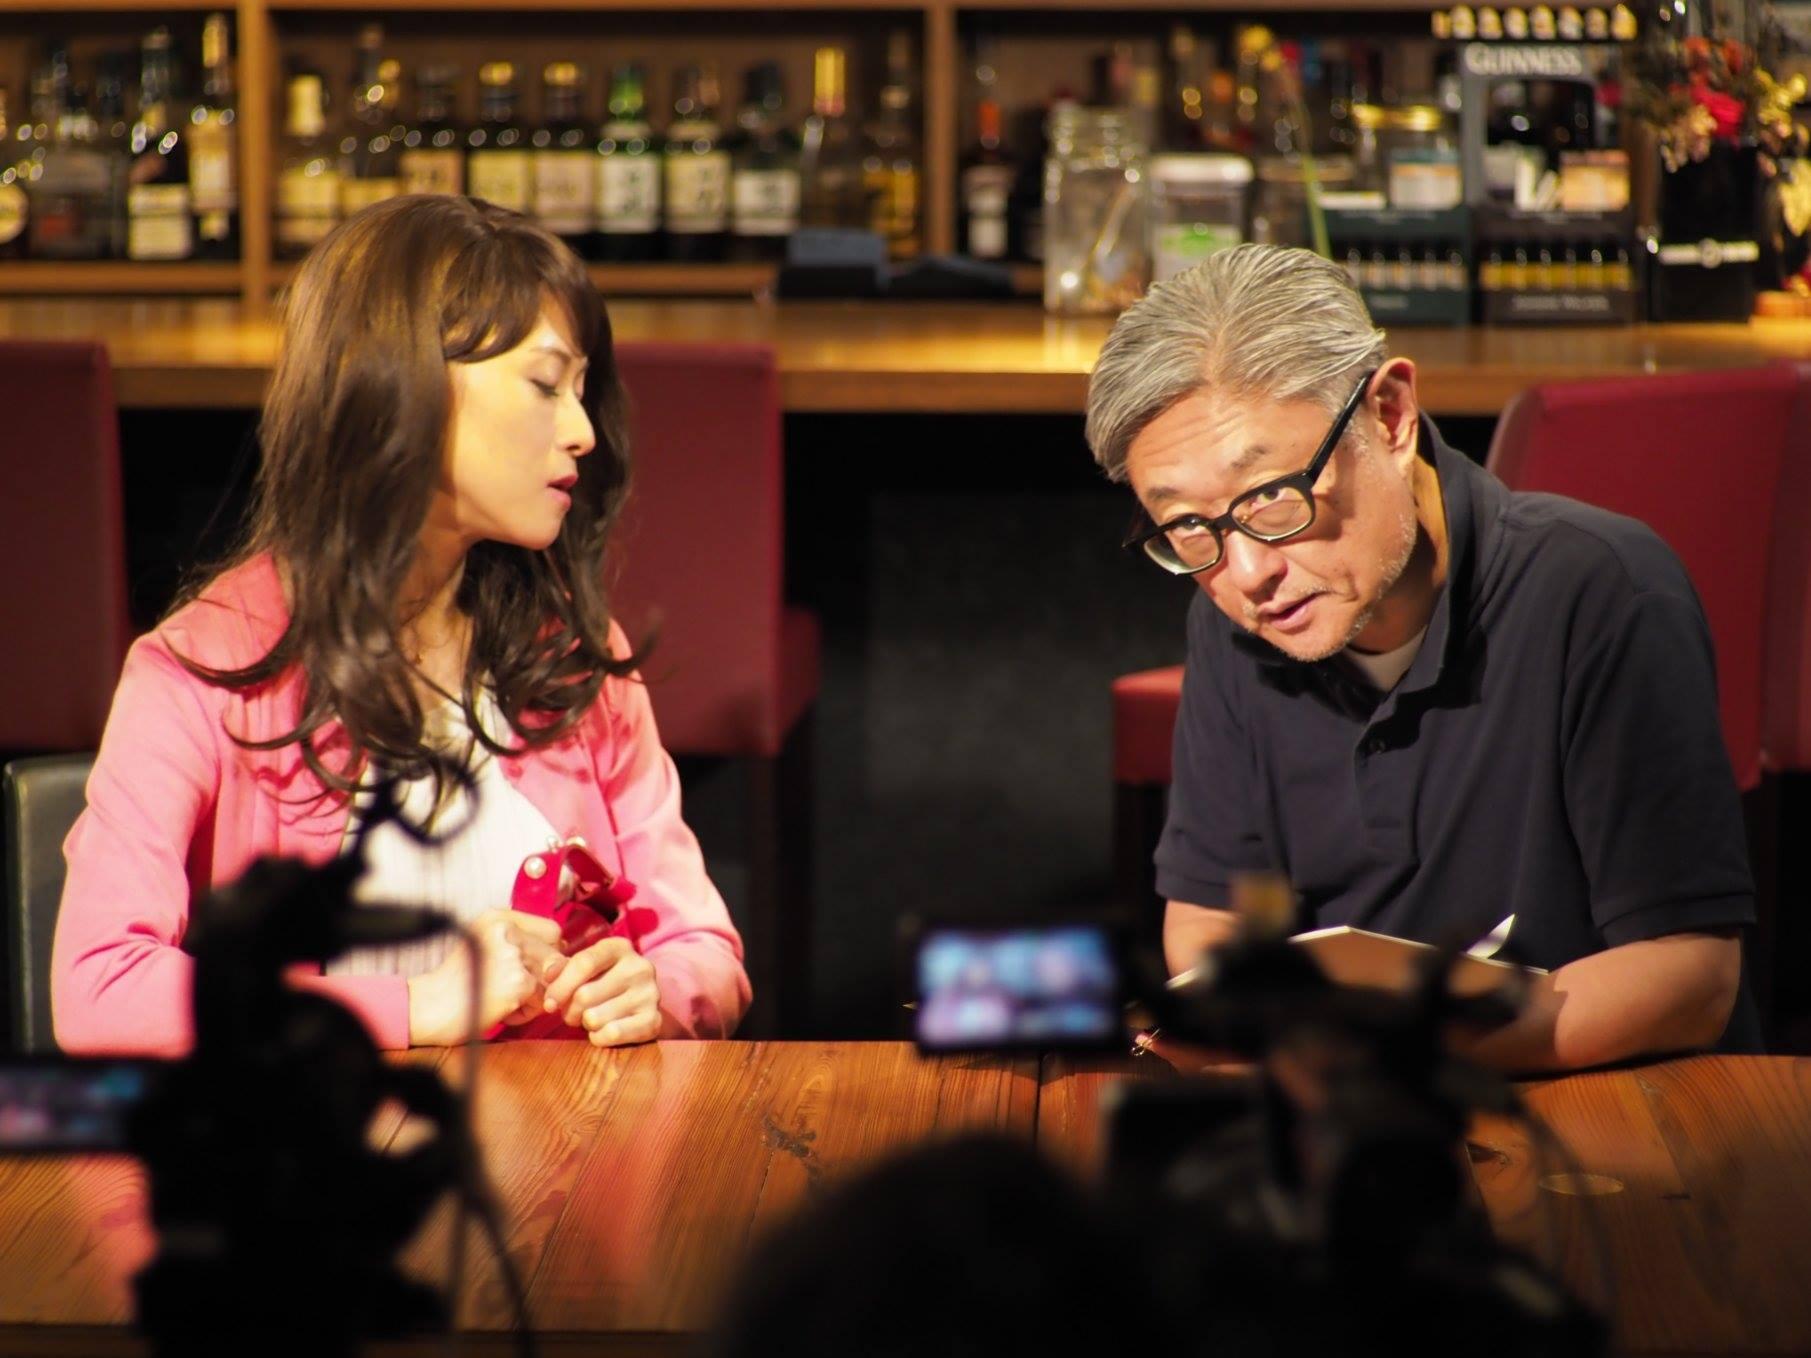 『メルシィ、Wine!』撮影風景。右が堤幸彦監督